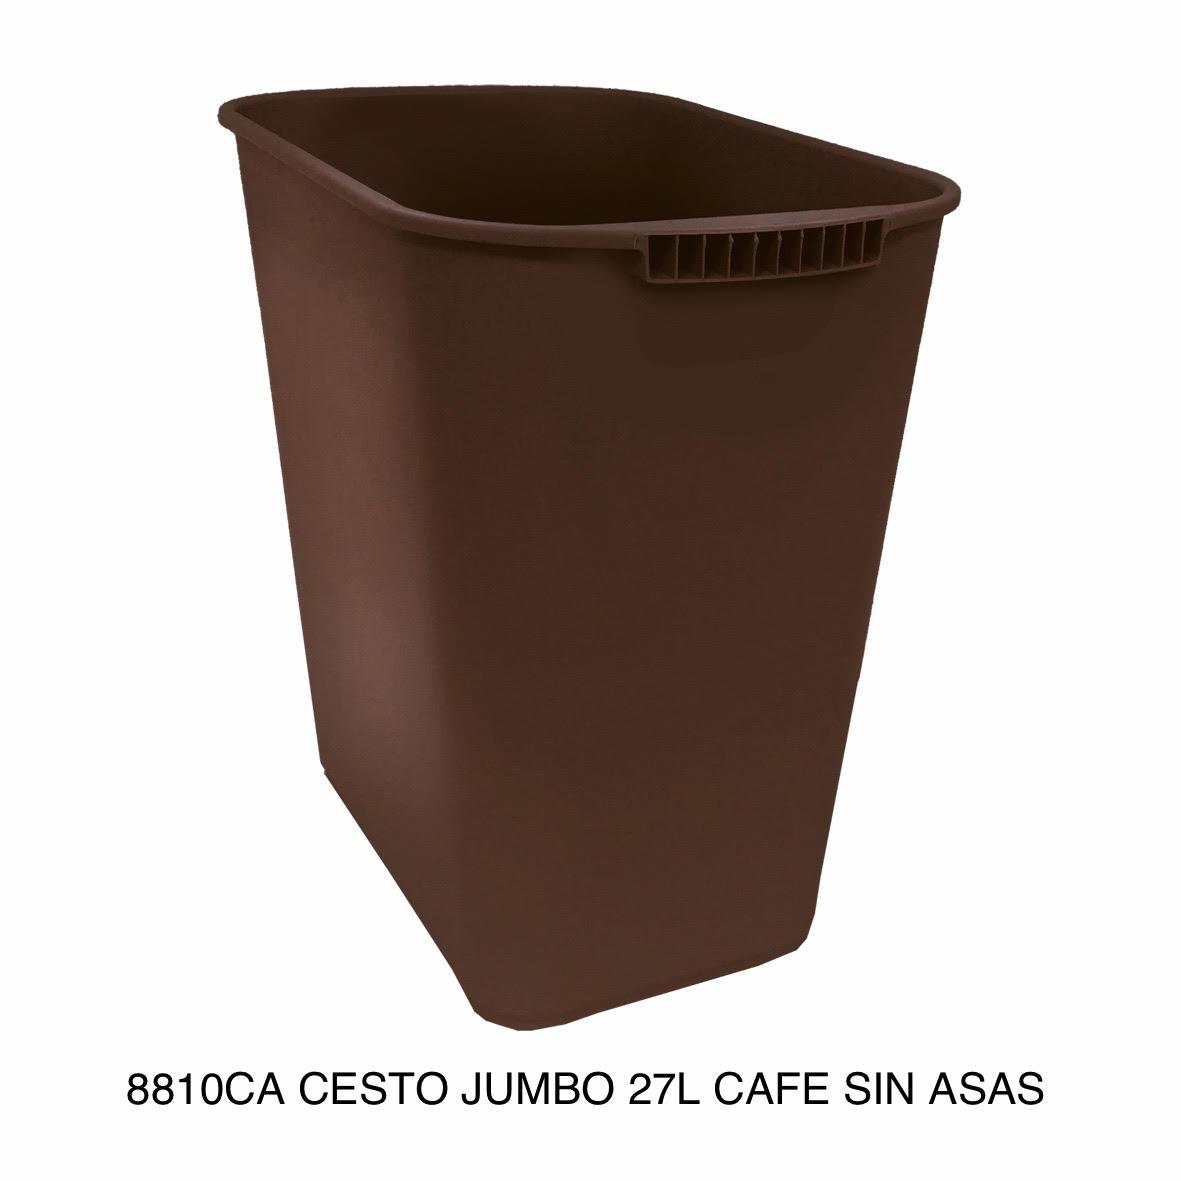 Bote de basura jumbo modelo 8810CA color café sin asas de Sablón